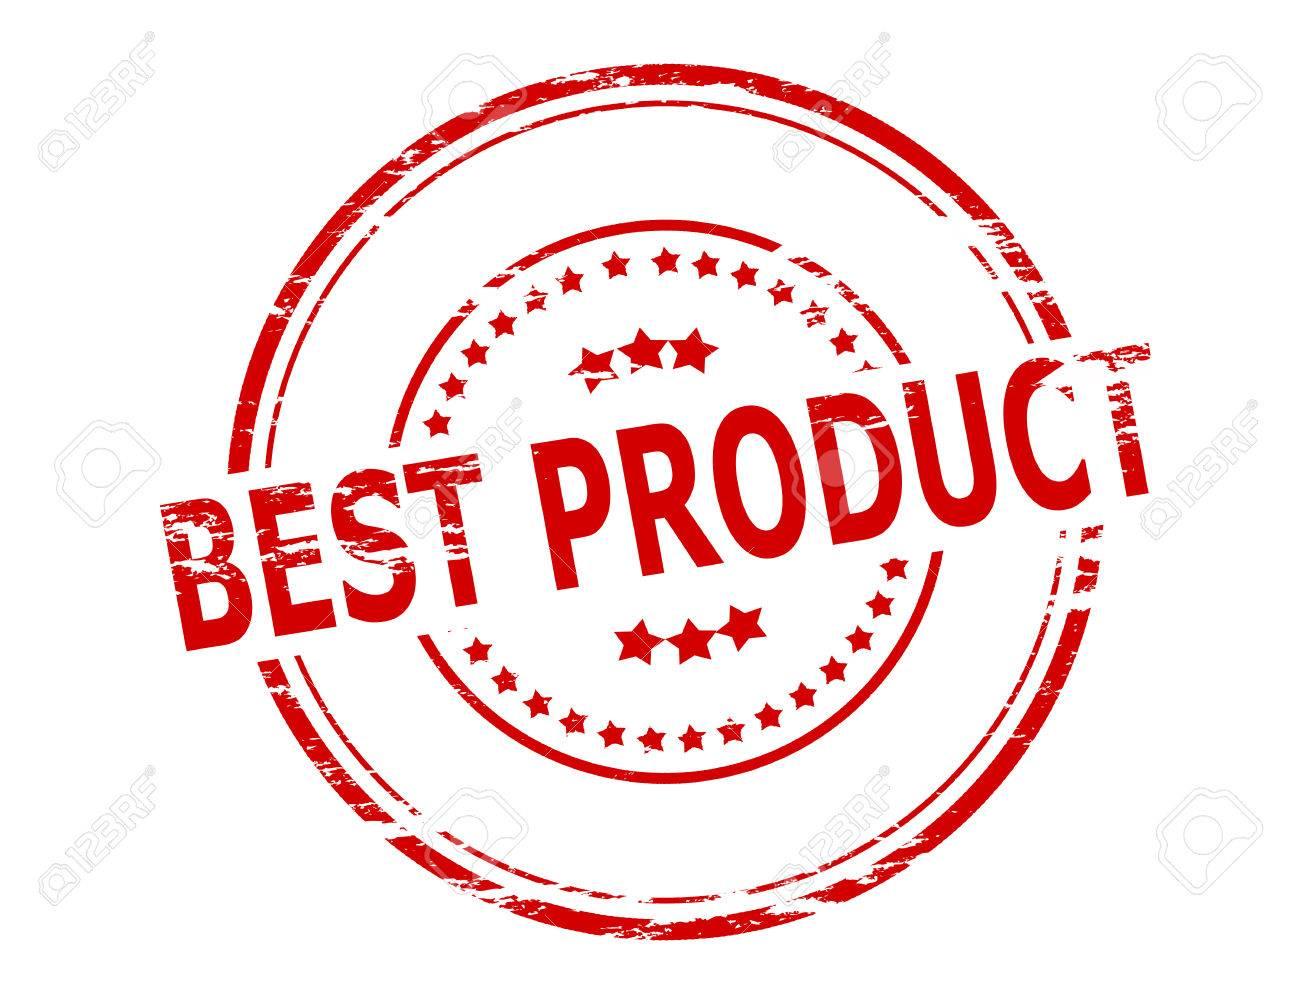 Sello Con El Texto Mejor Producto En El Interior, Ilustración Vectorial  Ilustraciones Vectoriales, Clip Art Vectorizado Libre De Derechos. Image  37918954.